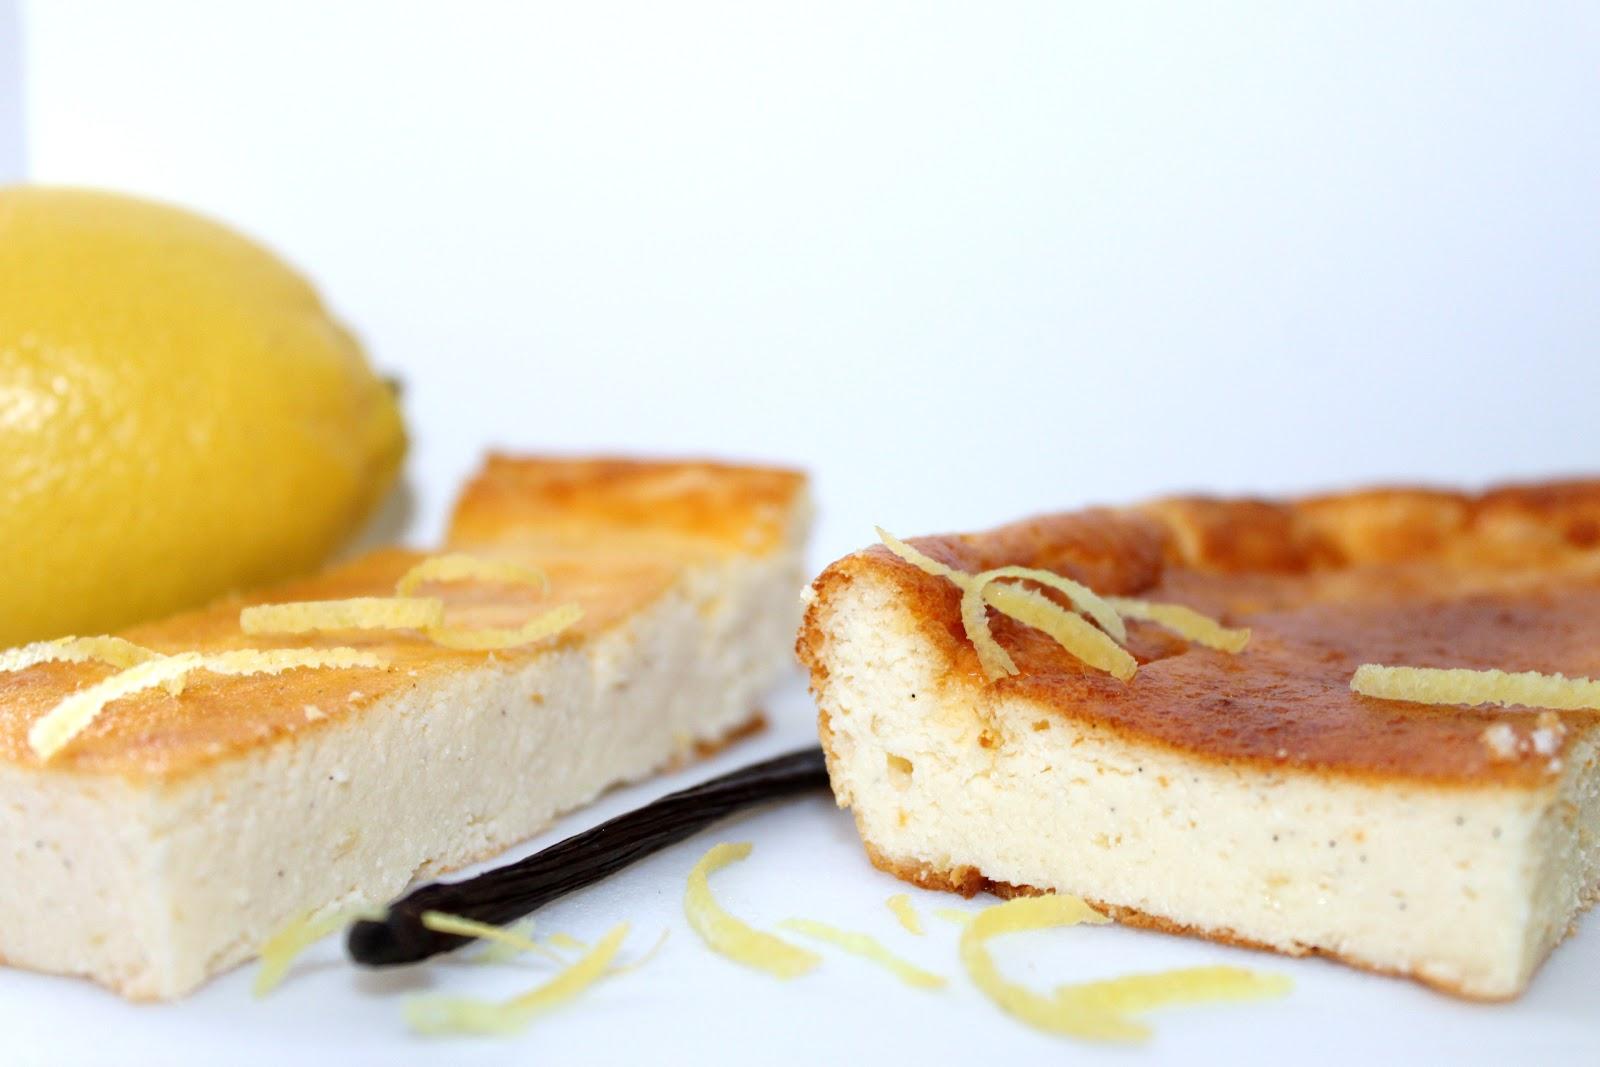 Petits repas entre amis cheesecake version soleil levant - Cuisine au pays du soleil ...